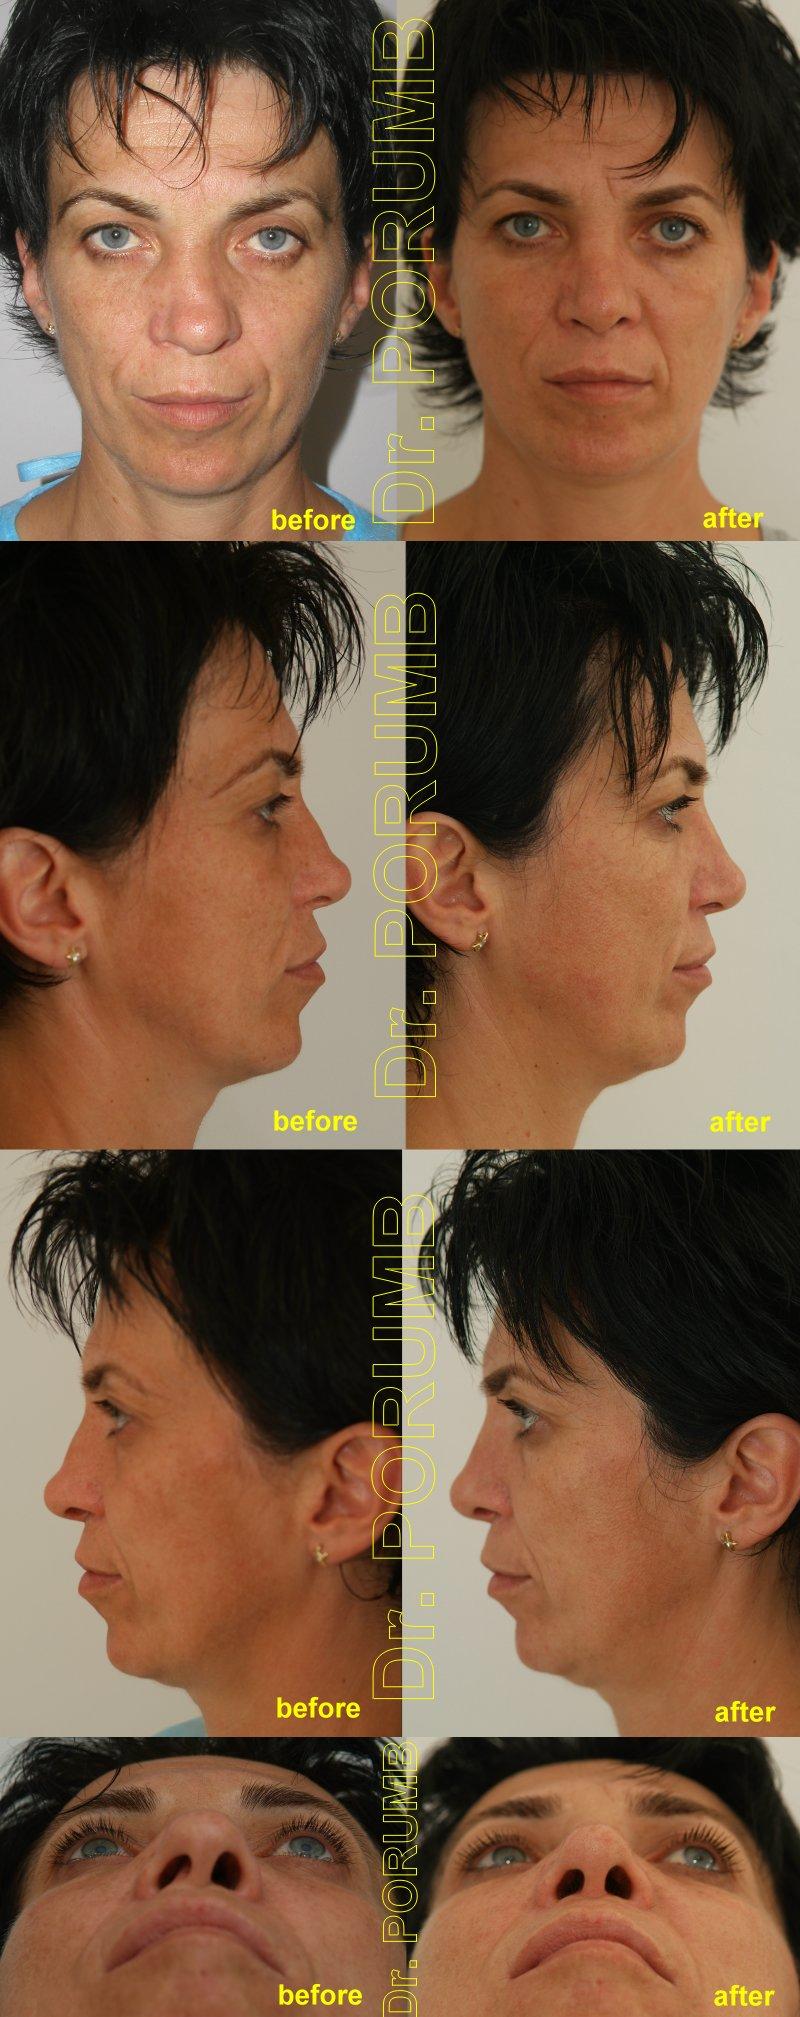 Pacienta in varsta de 37 de ani, prezentand un traumatism vechi nazal cu strambarea si infundarea nasului intr-o parte, o depresiune si cocoasa la nivelul nasului si deformarea majora a narii drepte, deviatie de sept cu dificultati respiratorii majore